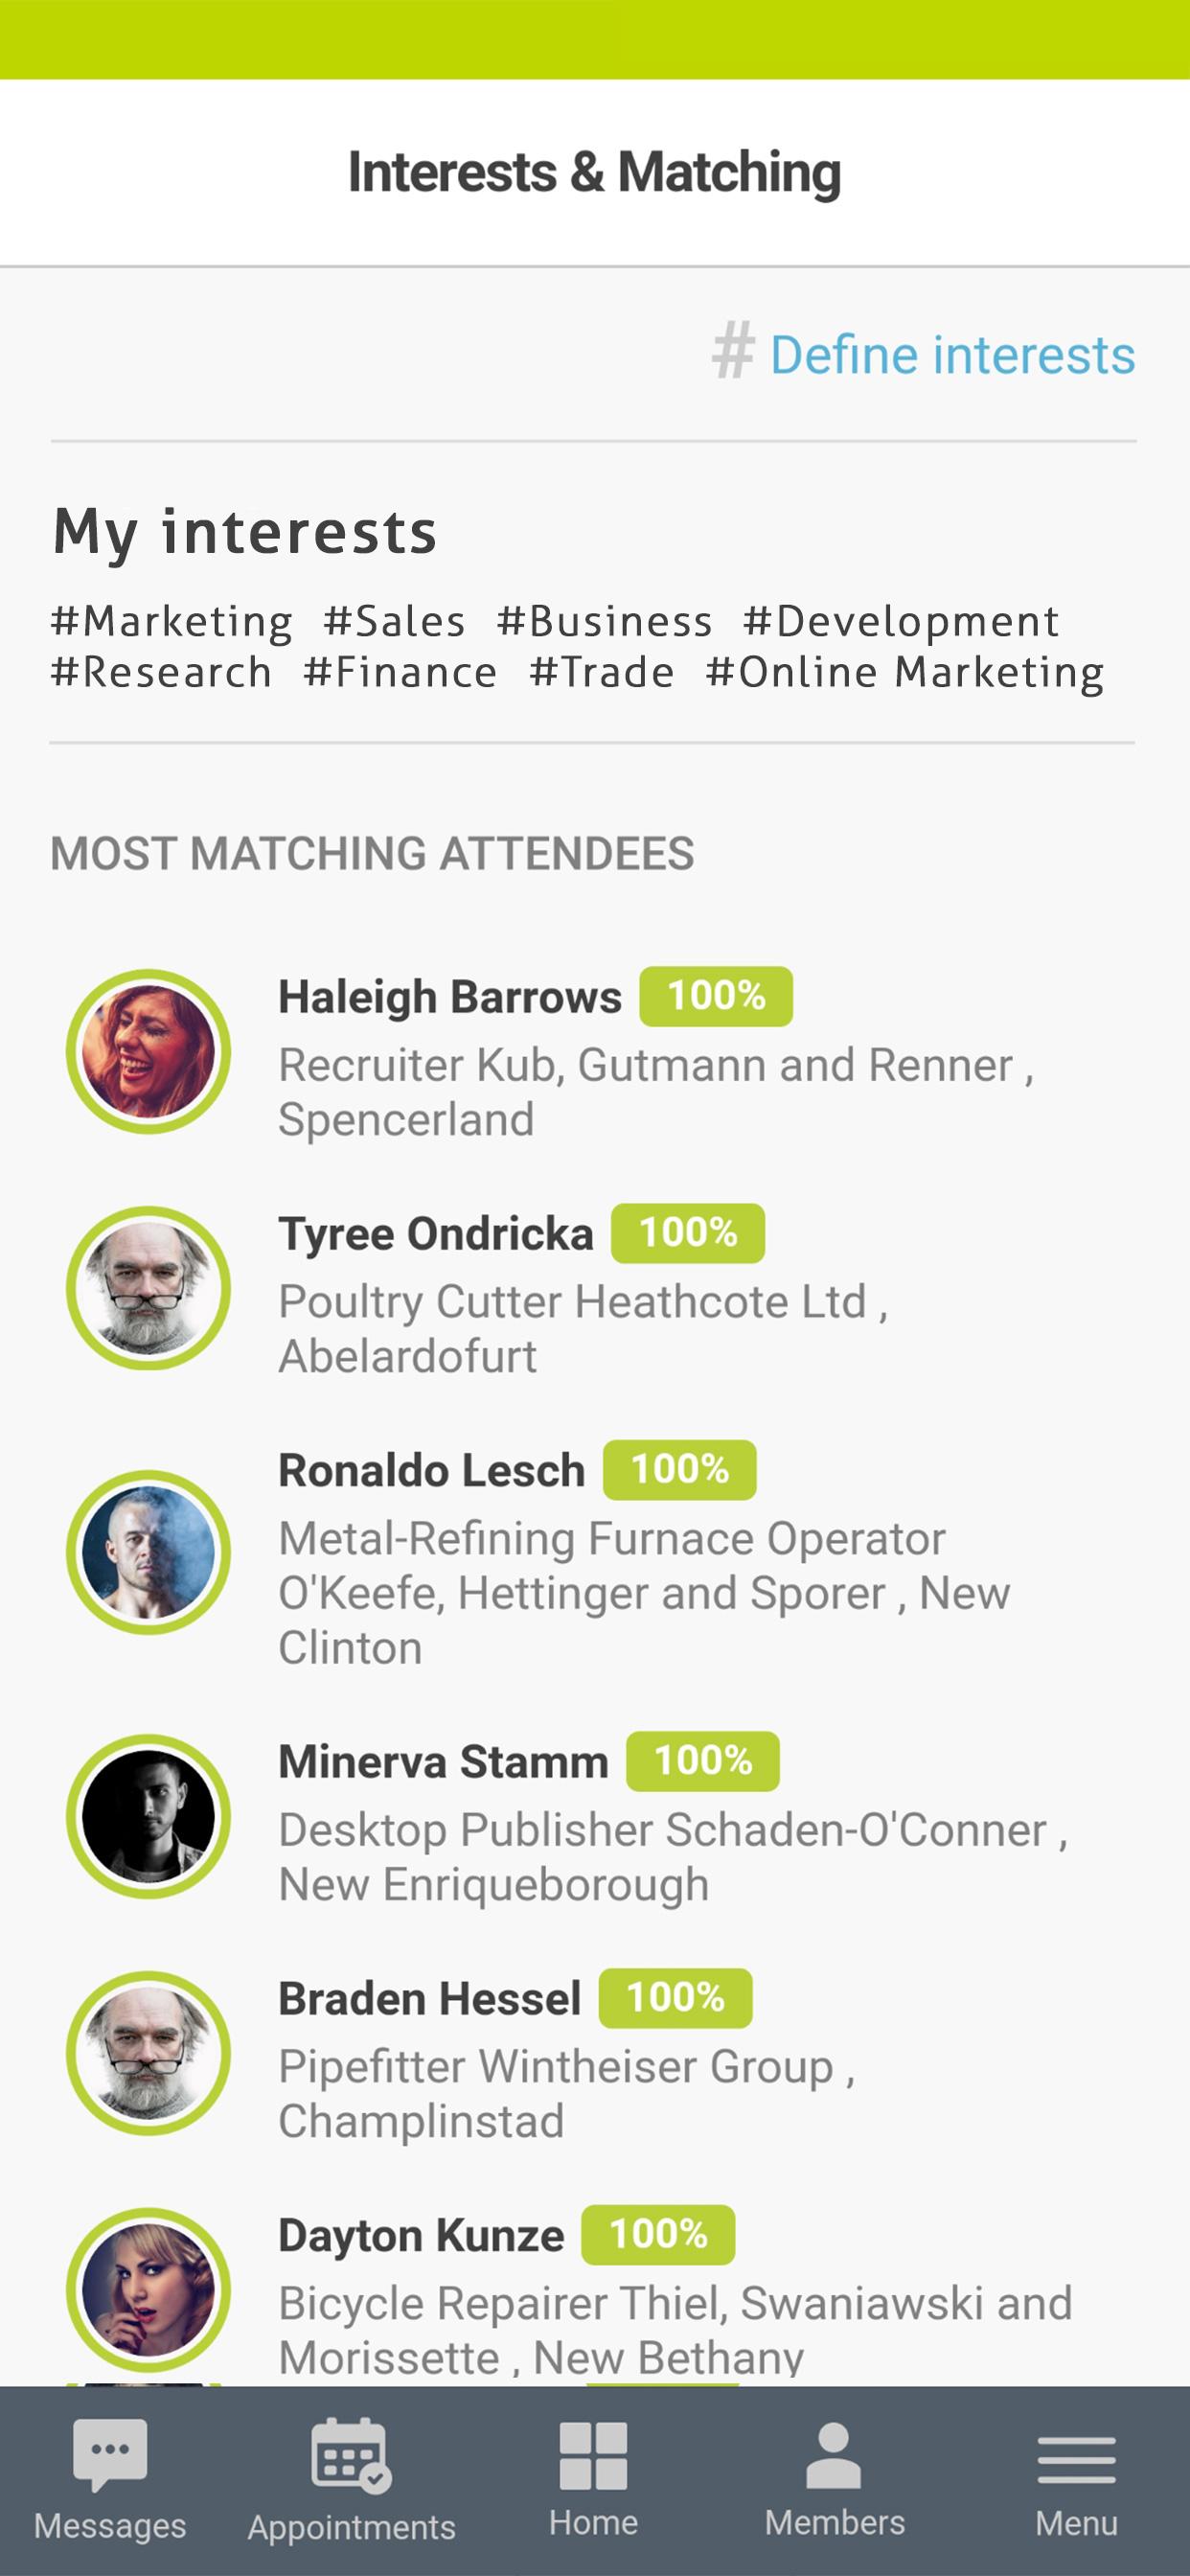 B2B - Matchmaking